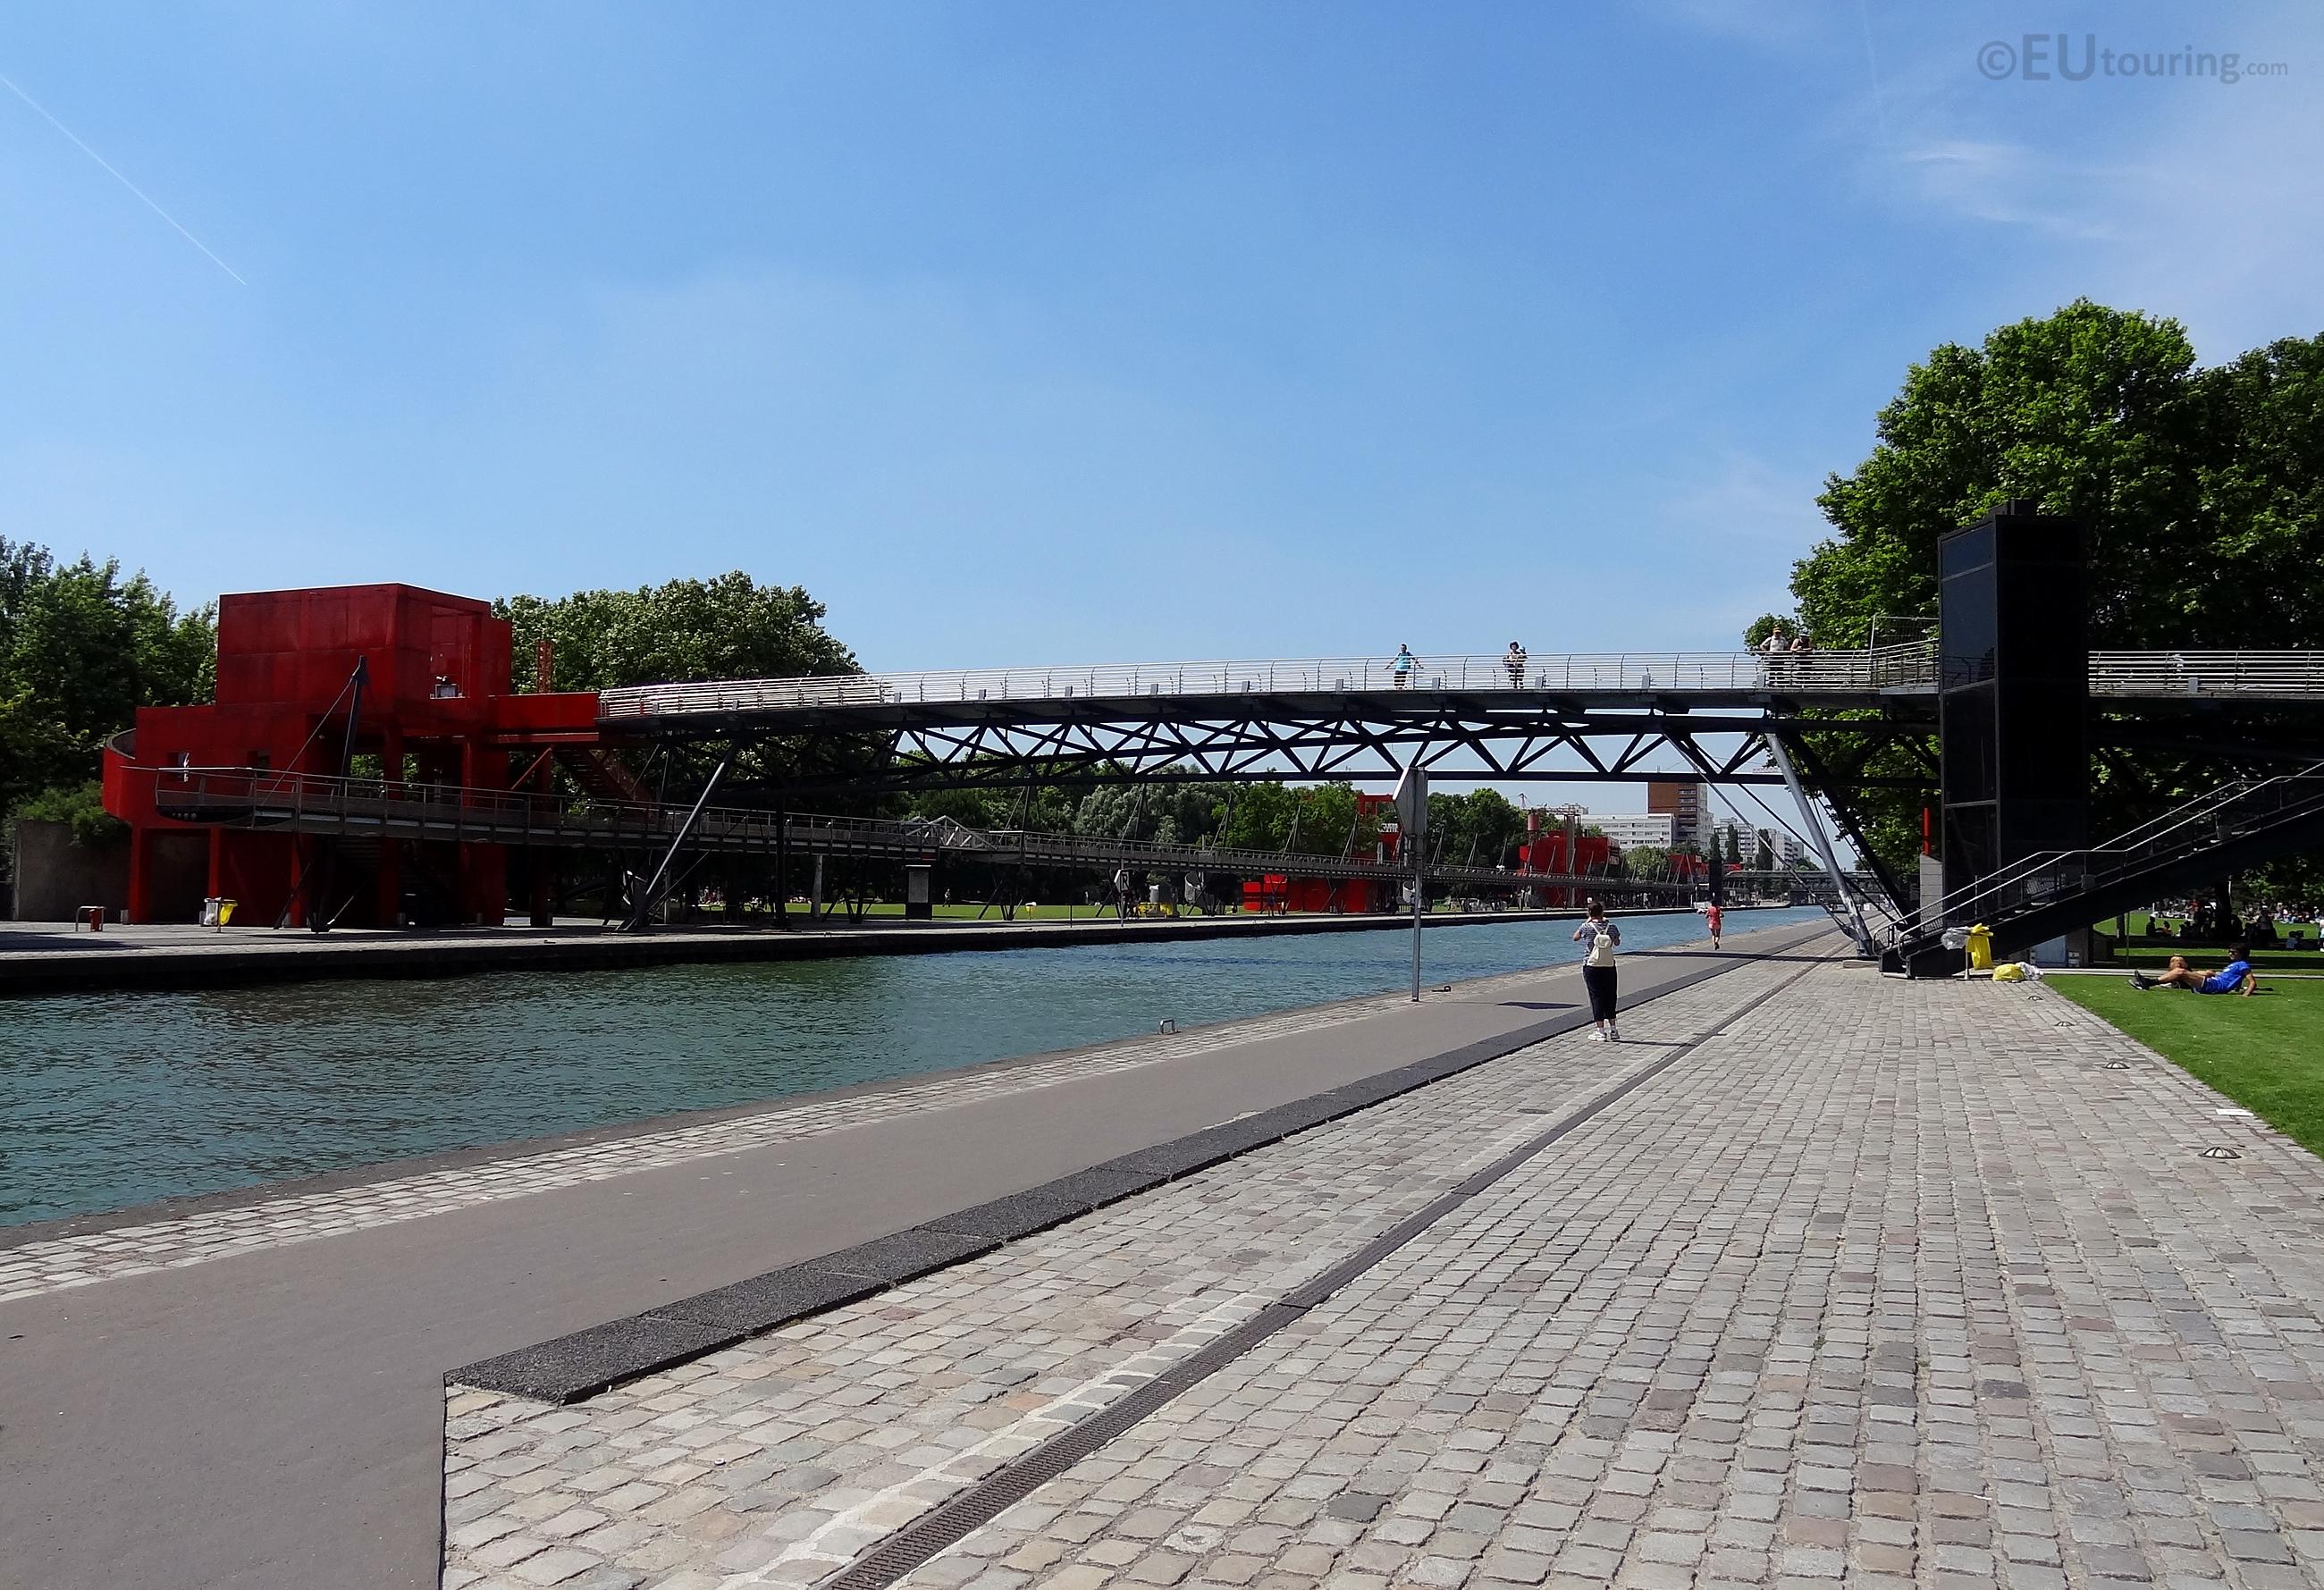 Canal de l'Ourcq in Parc de la Villette